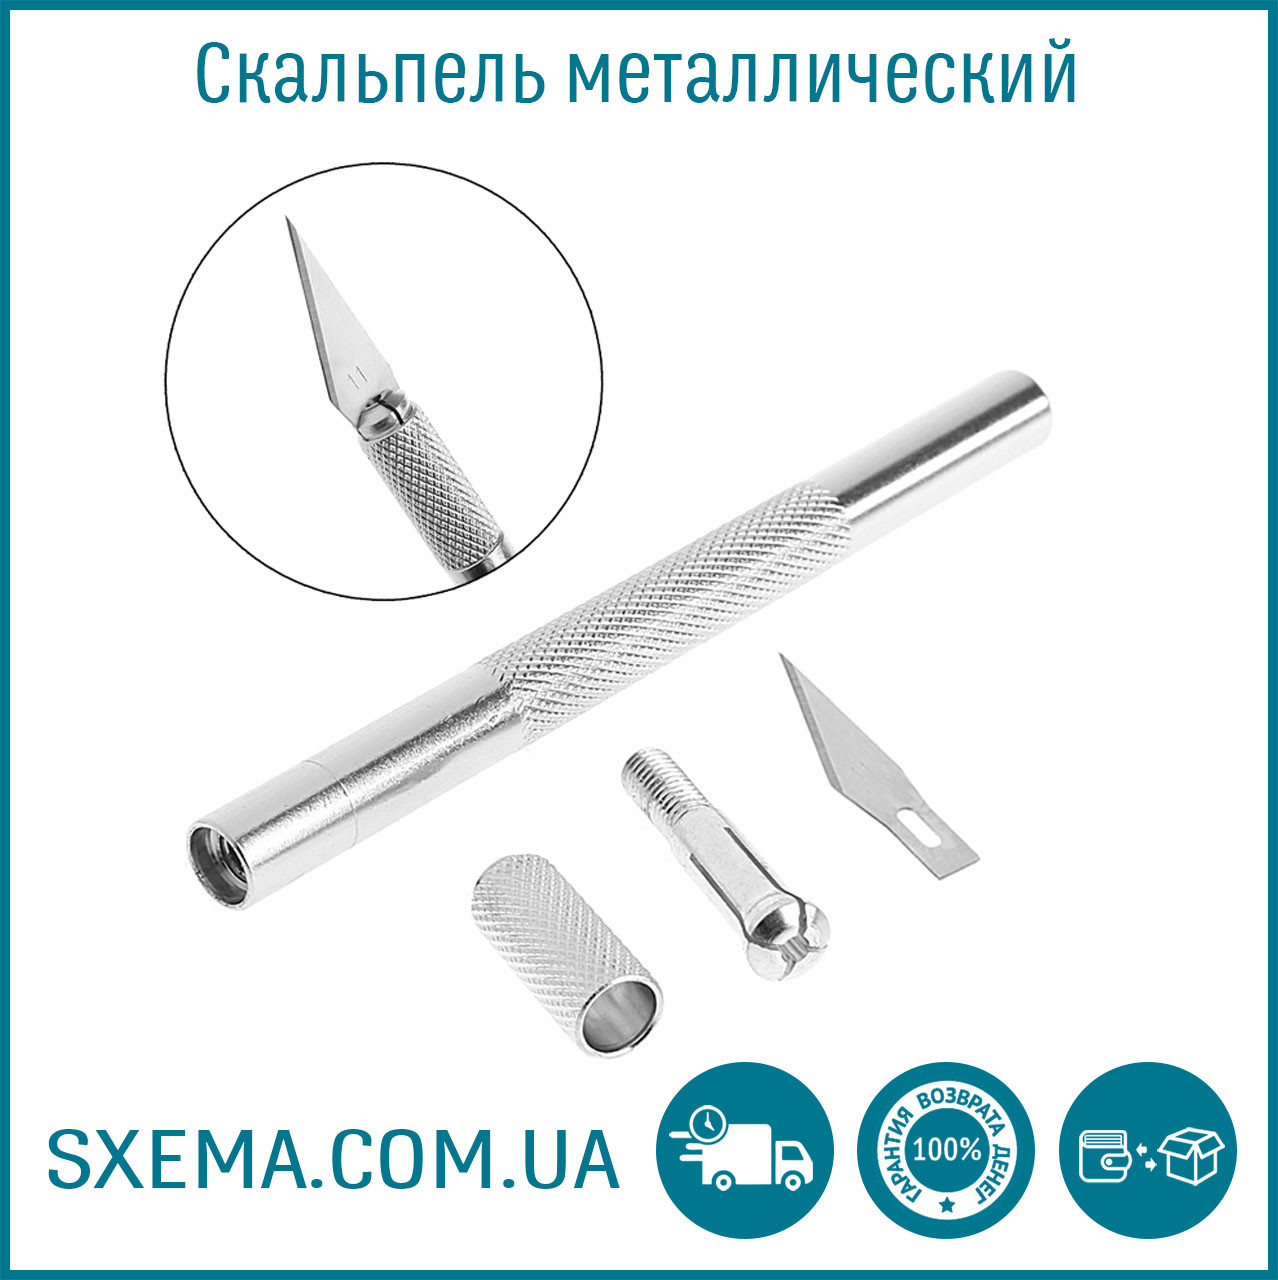 Скальпель металический с цанговым зажимом WLXY 9308